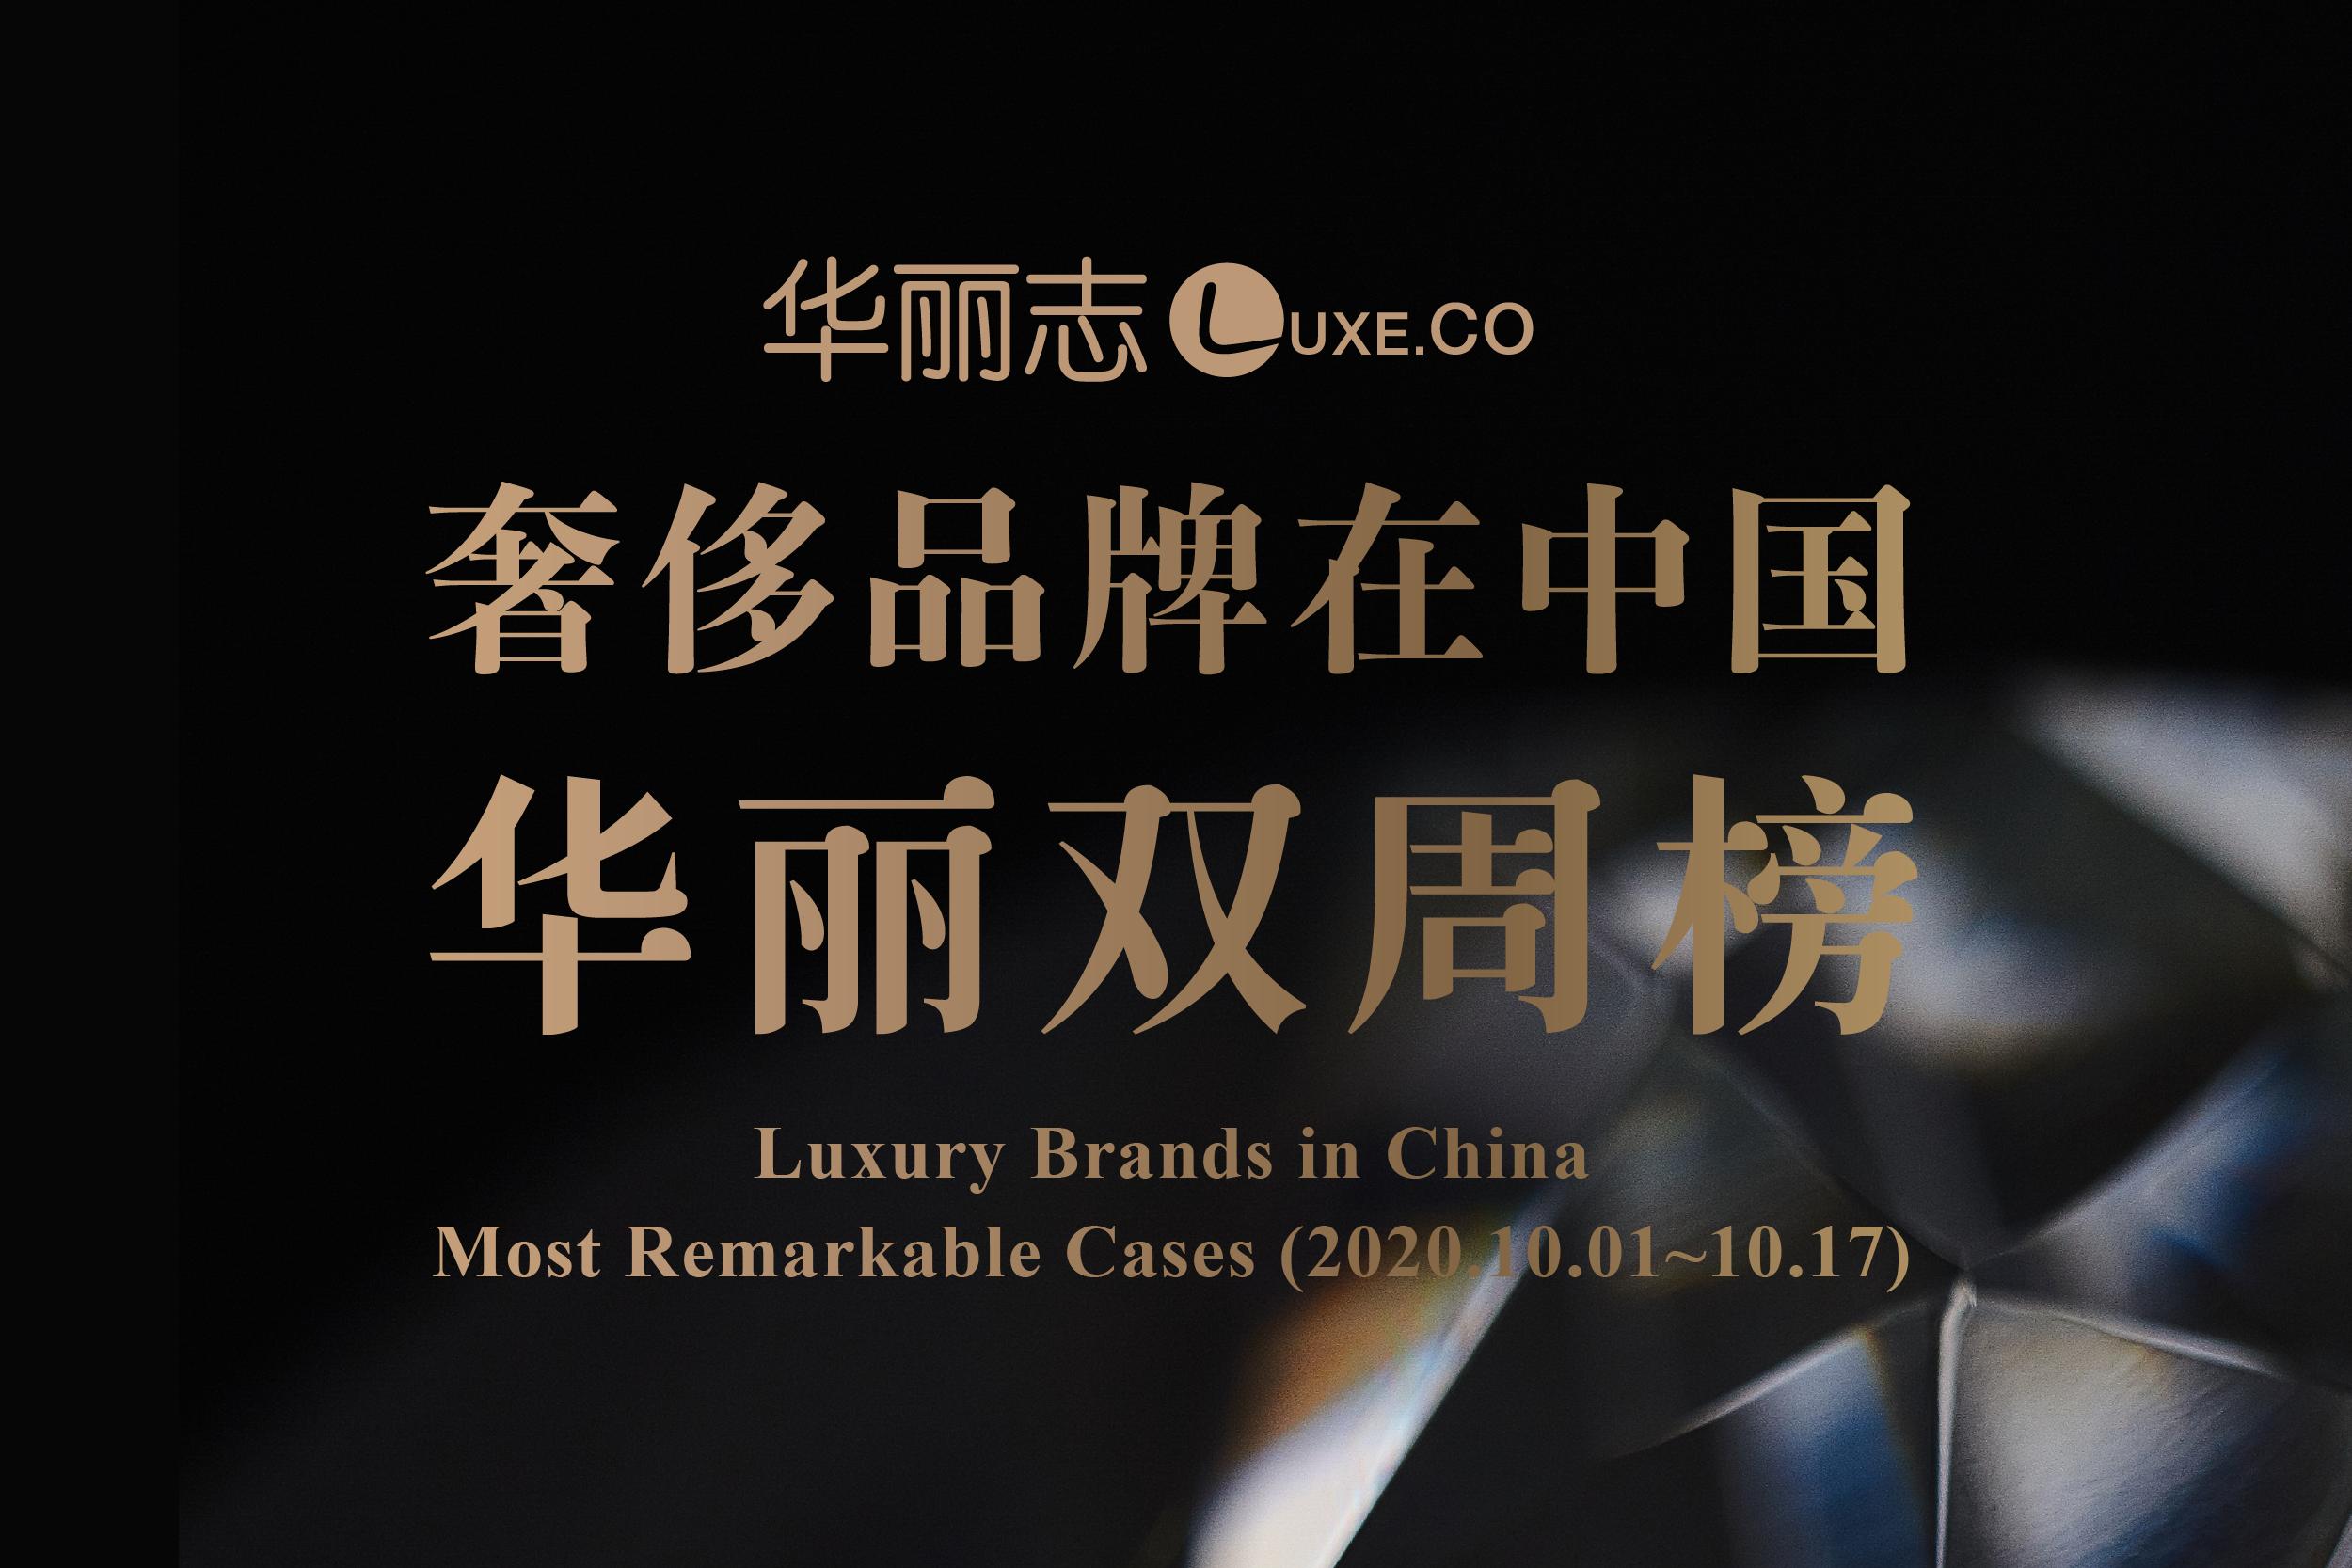 十月上旬,这三家奢侈品牌在中国的动作最值得关注!【华丽双周榜】第11期